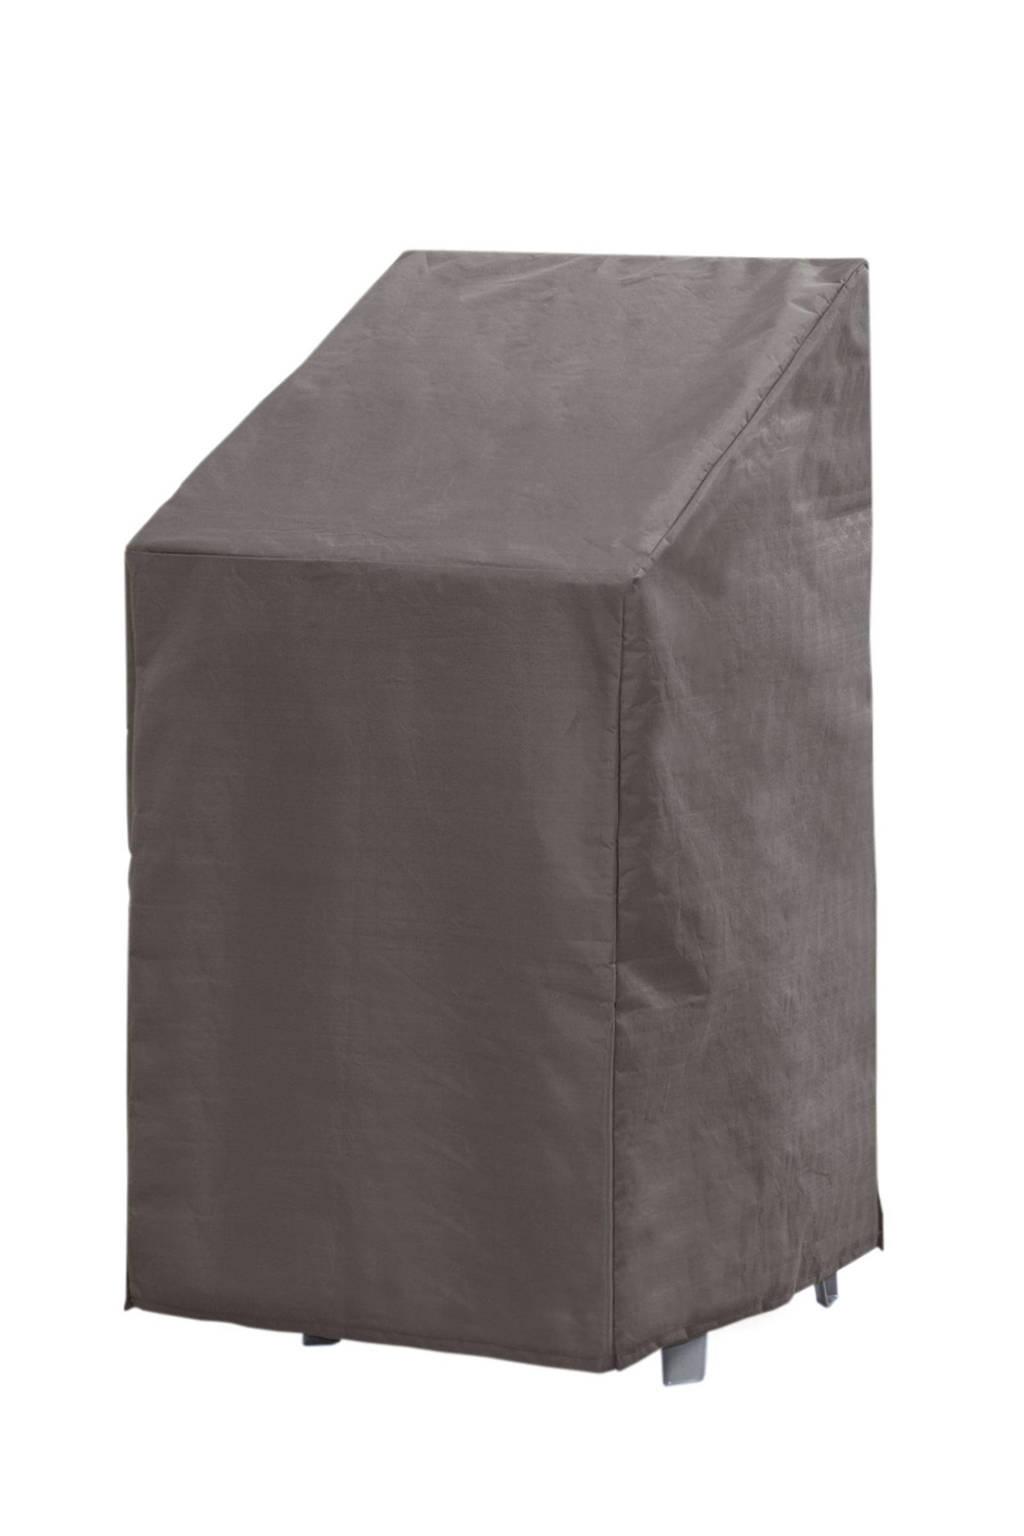 Outdoor Covers tuinmeubelhoes stapelstoelen, Grijs